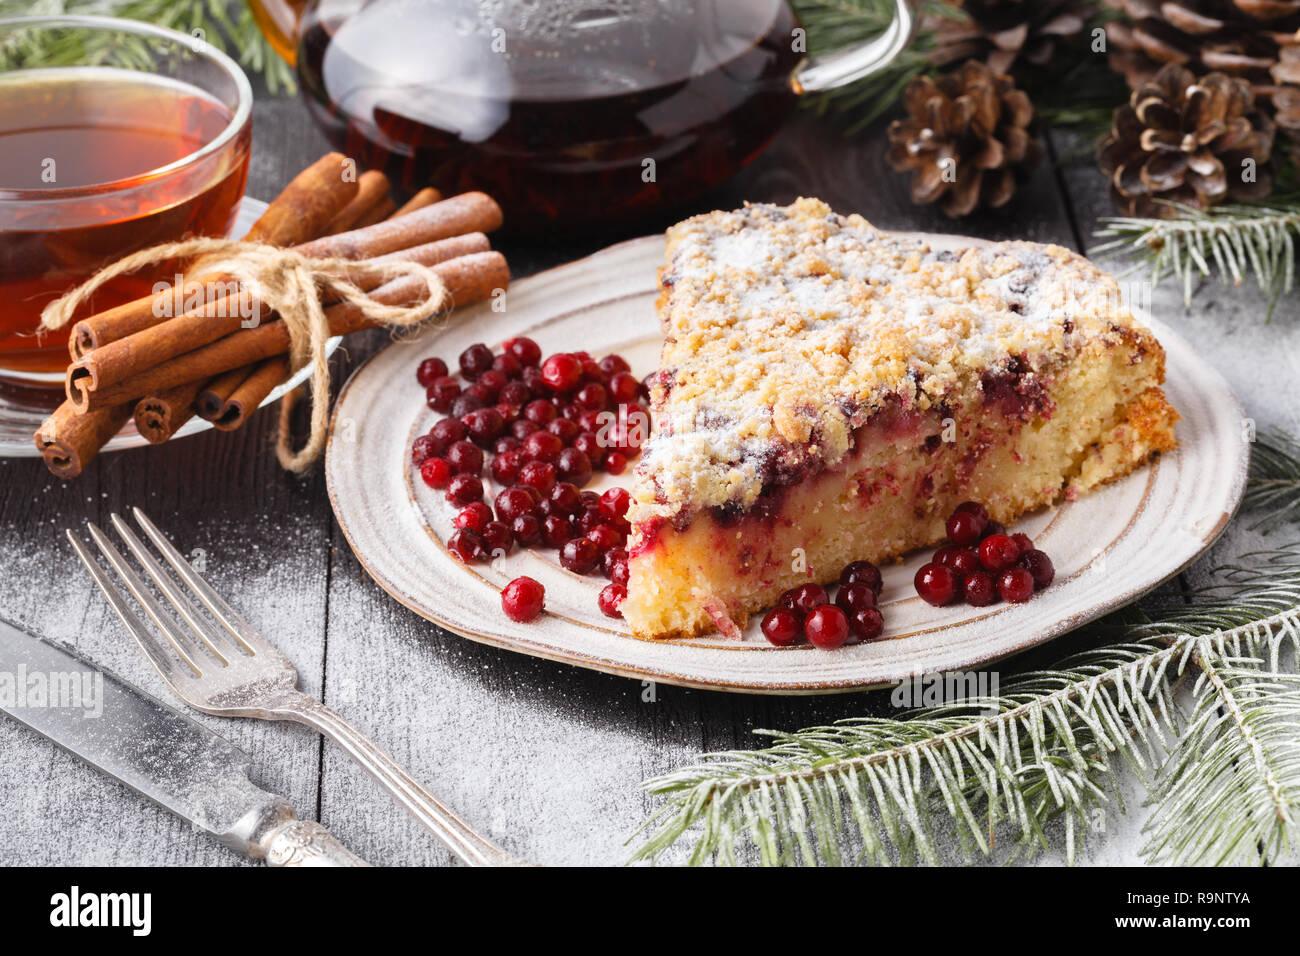 Weihnachten Obst Kuchen Pudding Auf Weisse Platte